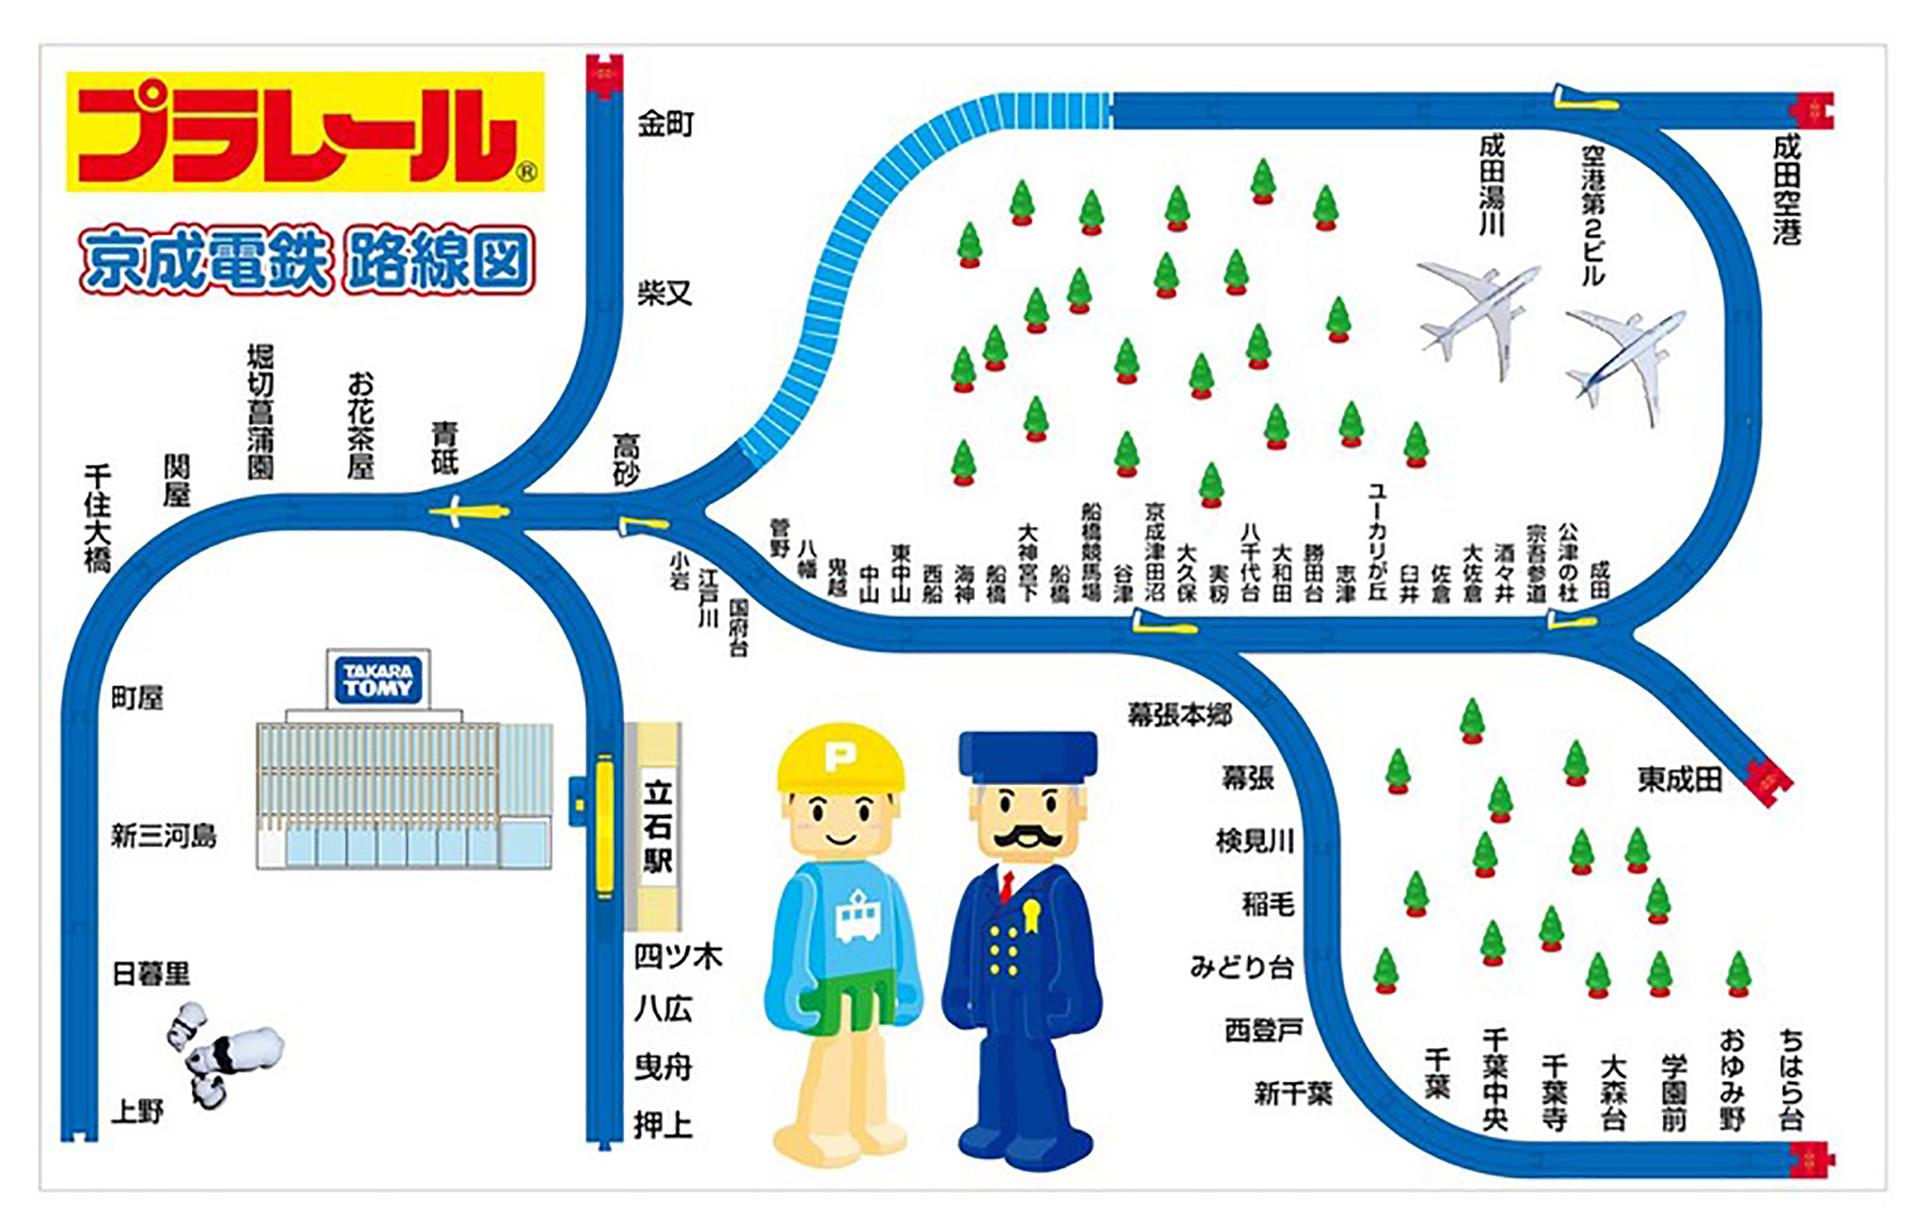 この写真は「けいせいたていし プラレール駅」の路線図